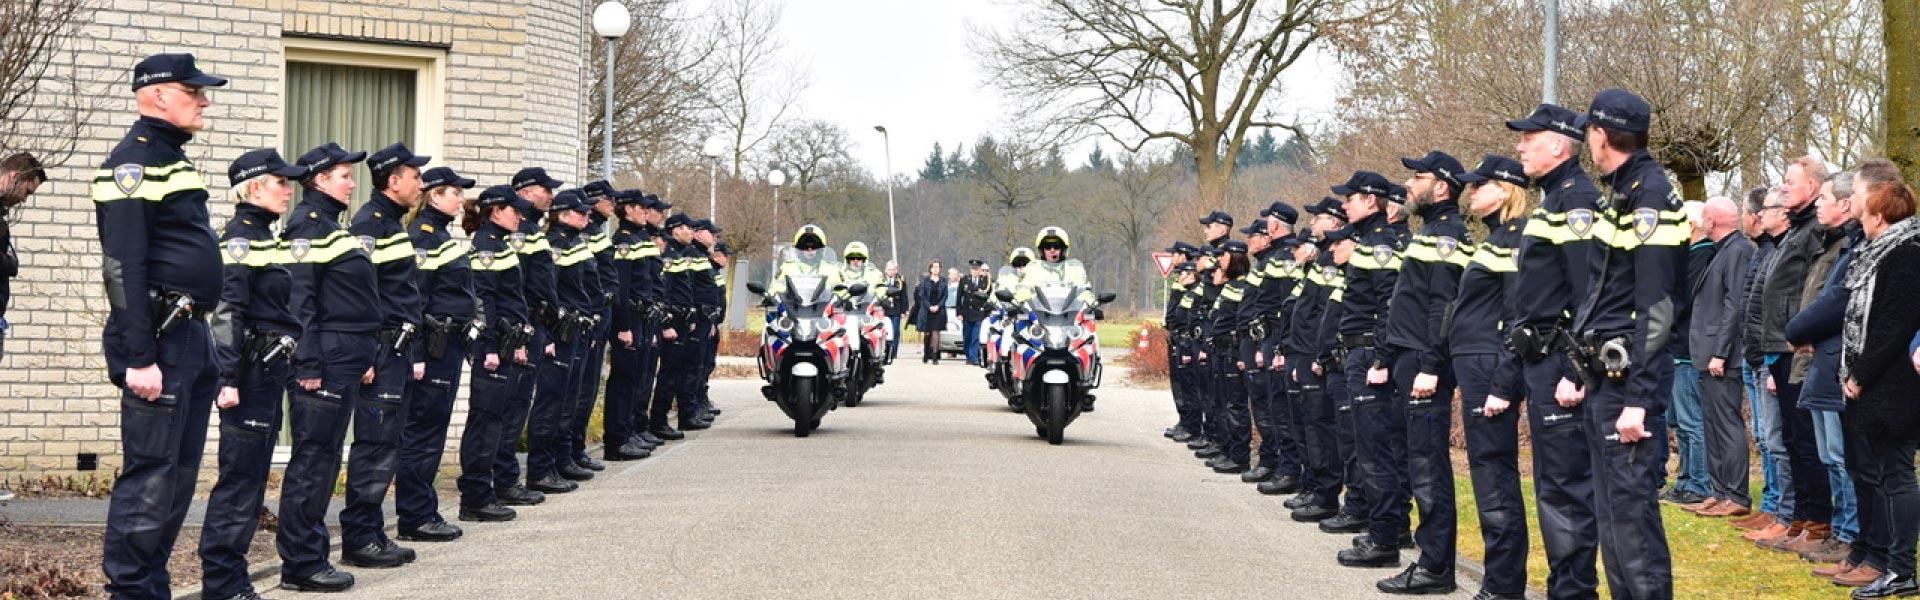 uitvaart-van-een-politieagent